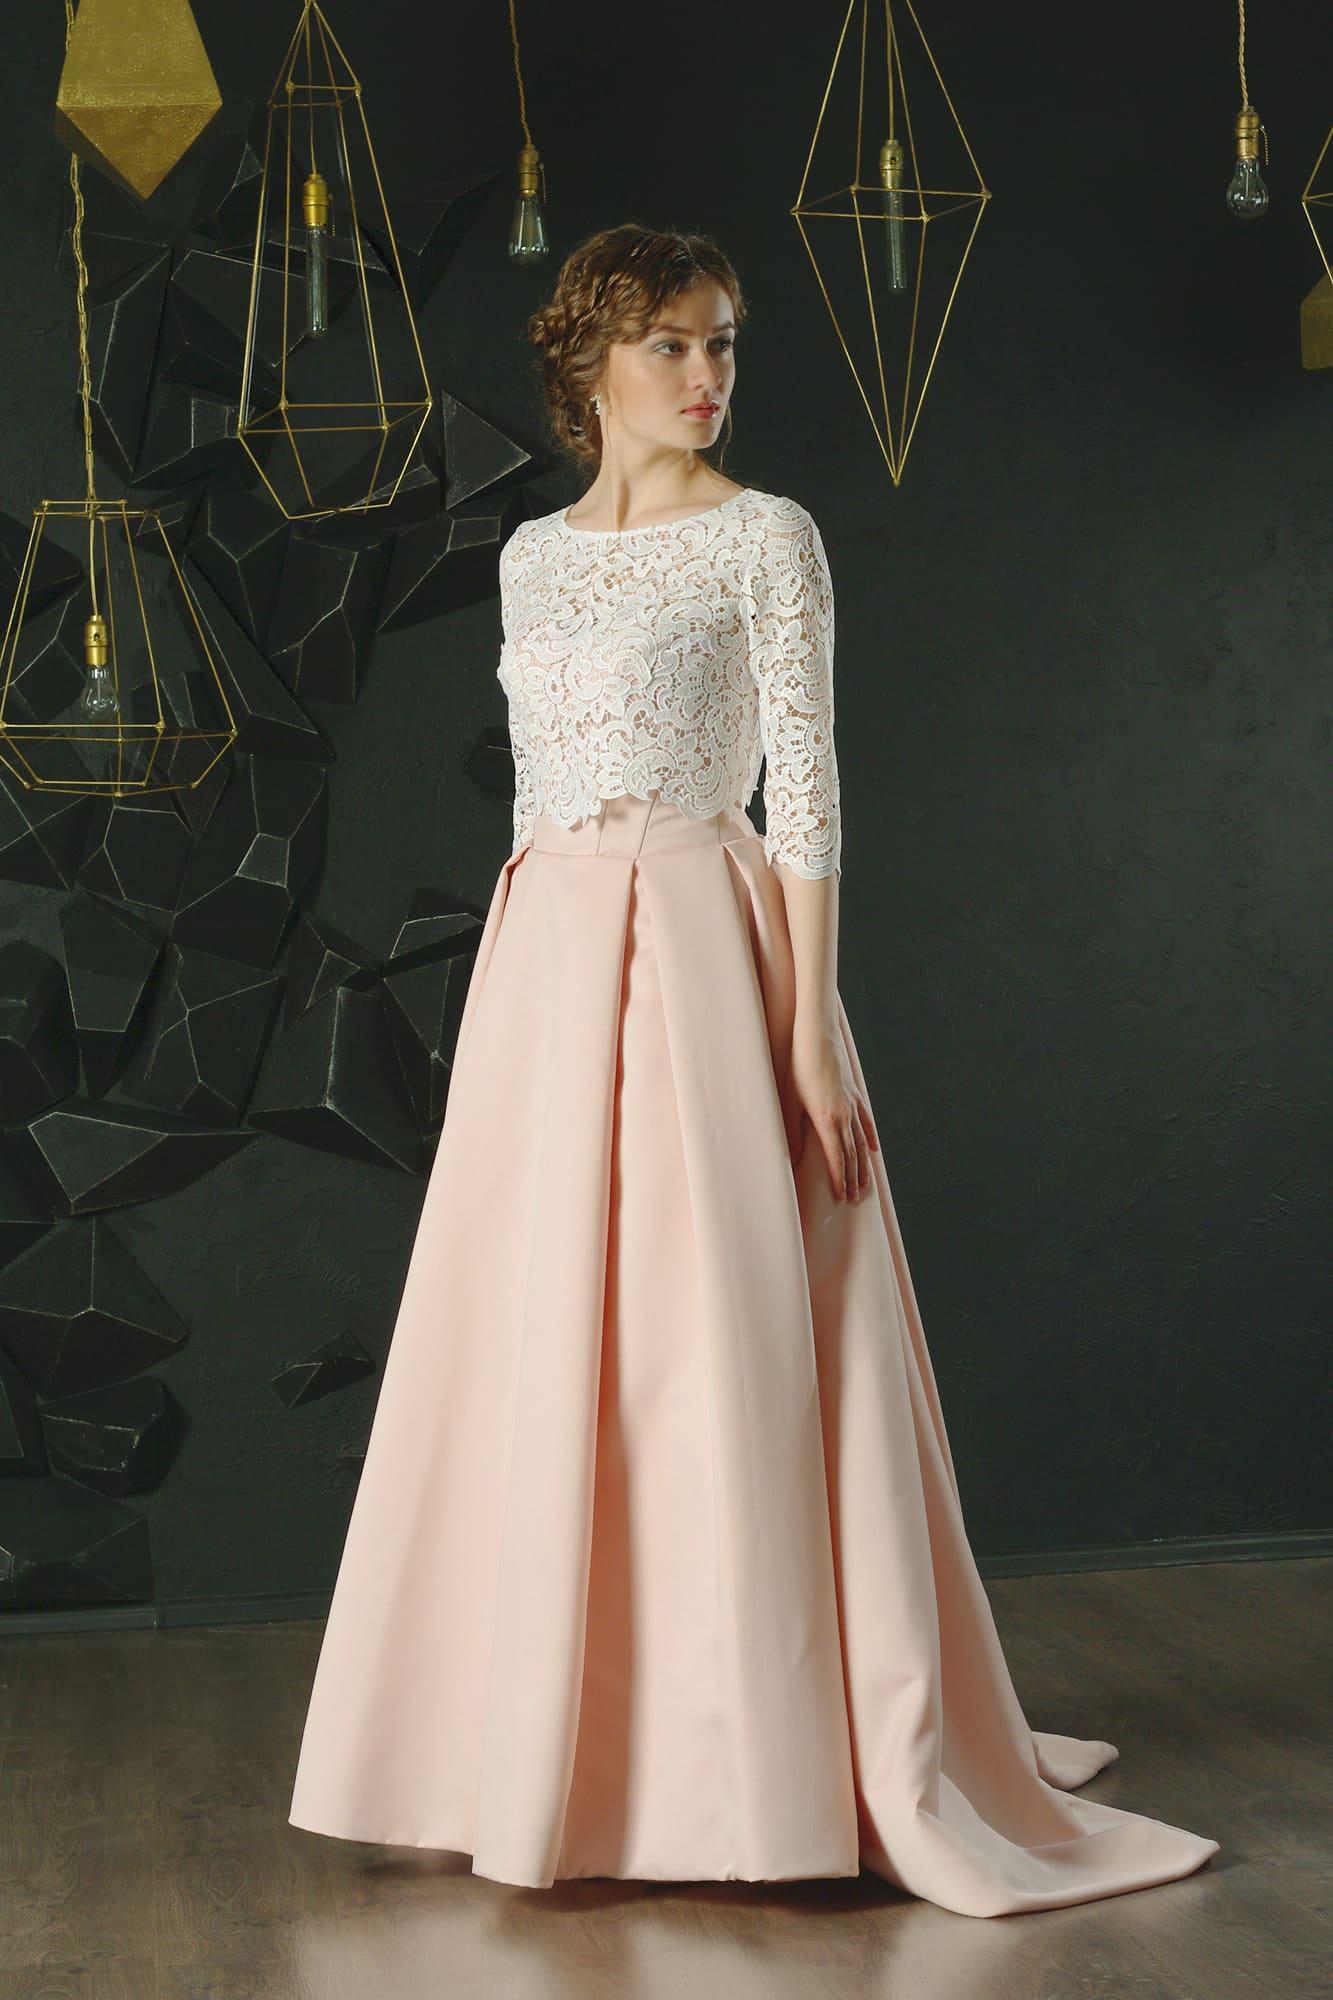 40c6365d21a Розовое вечернее платье с кружевным болеро белого цвета и небольшим шлейфом.